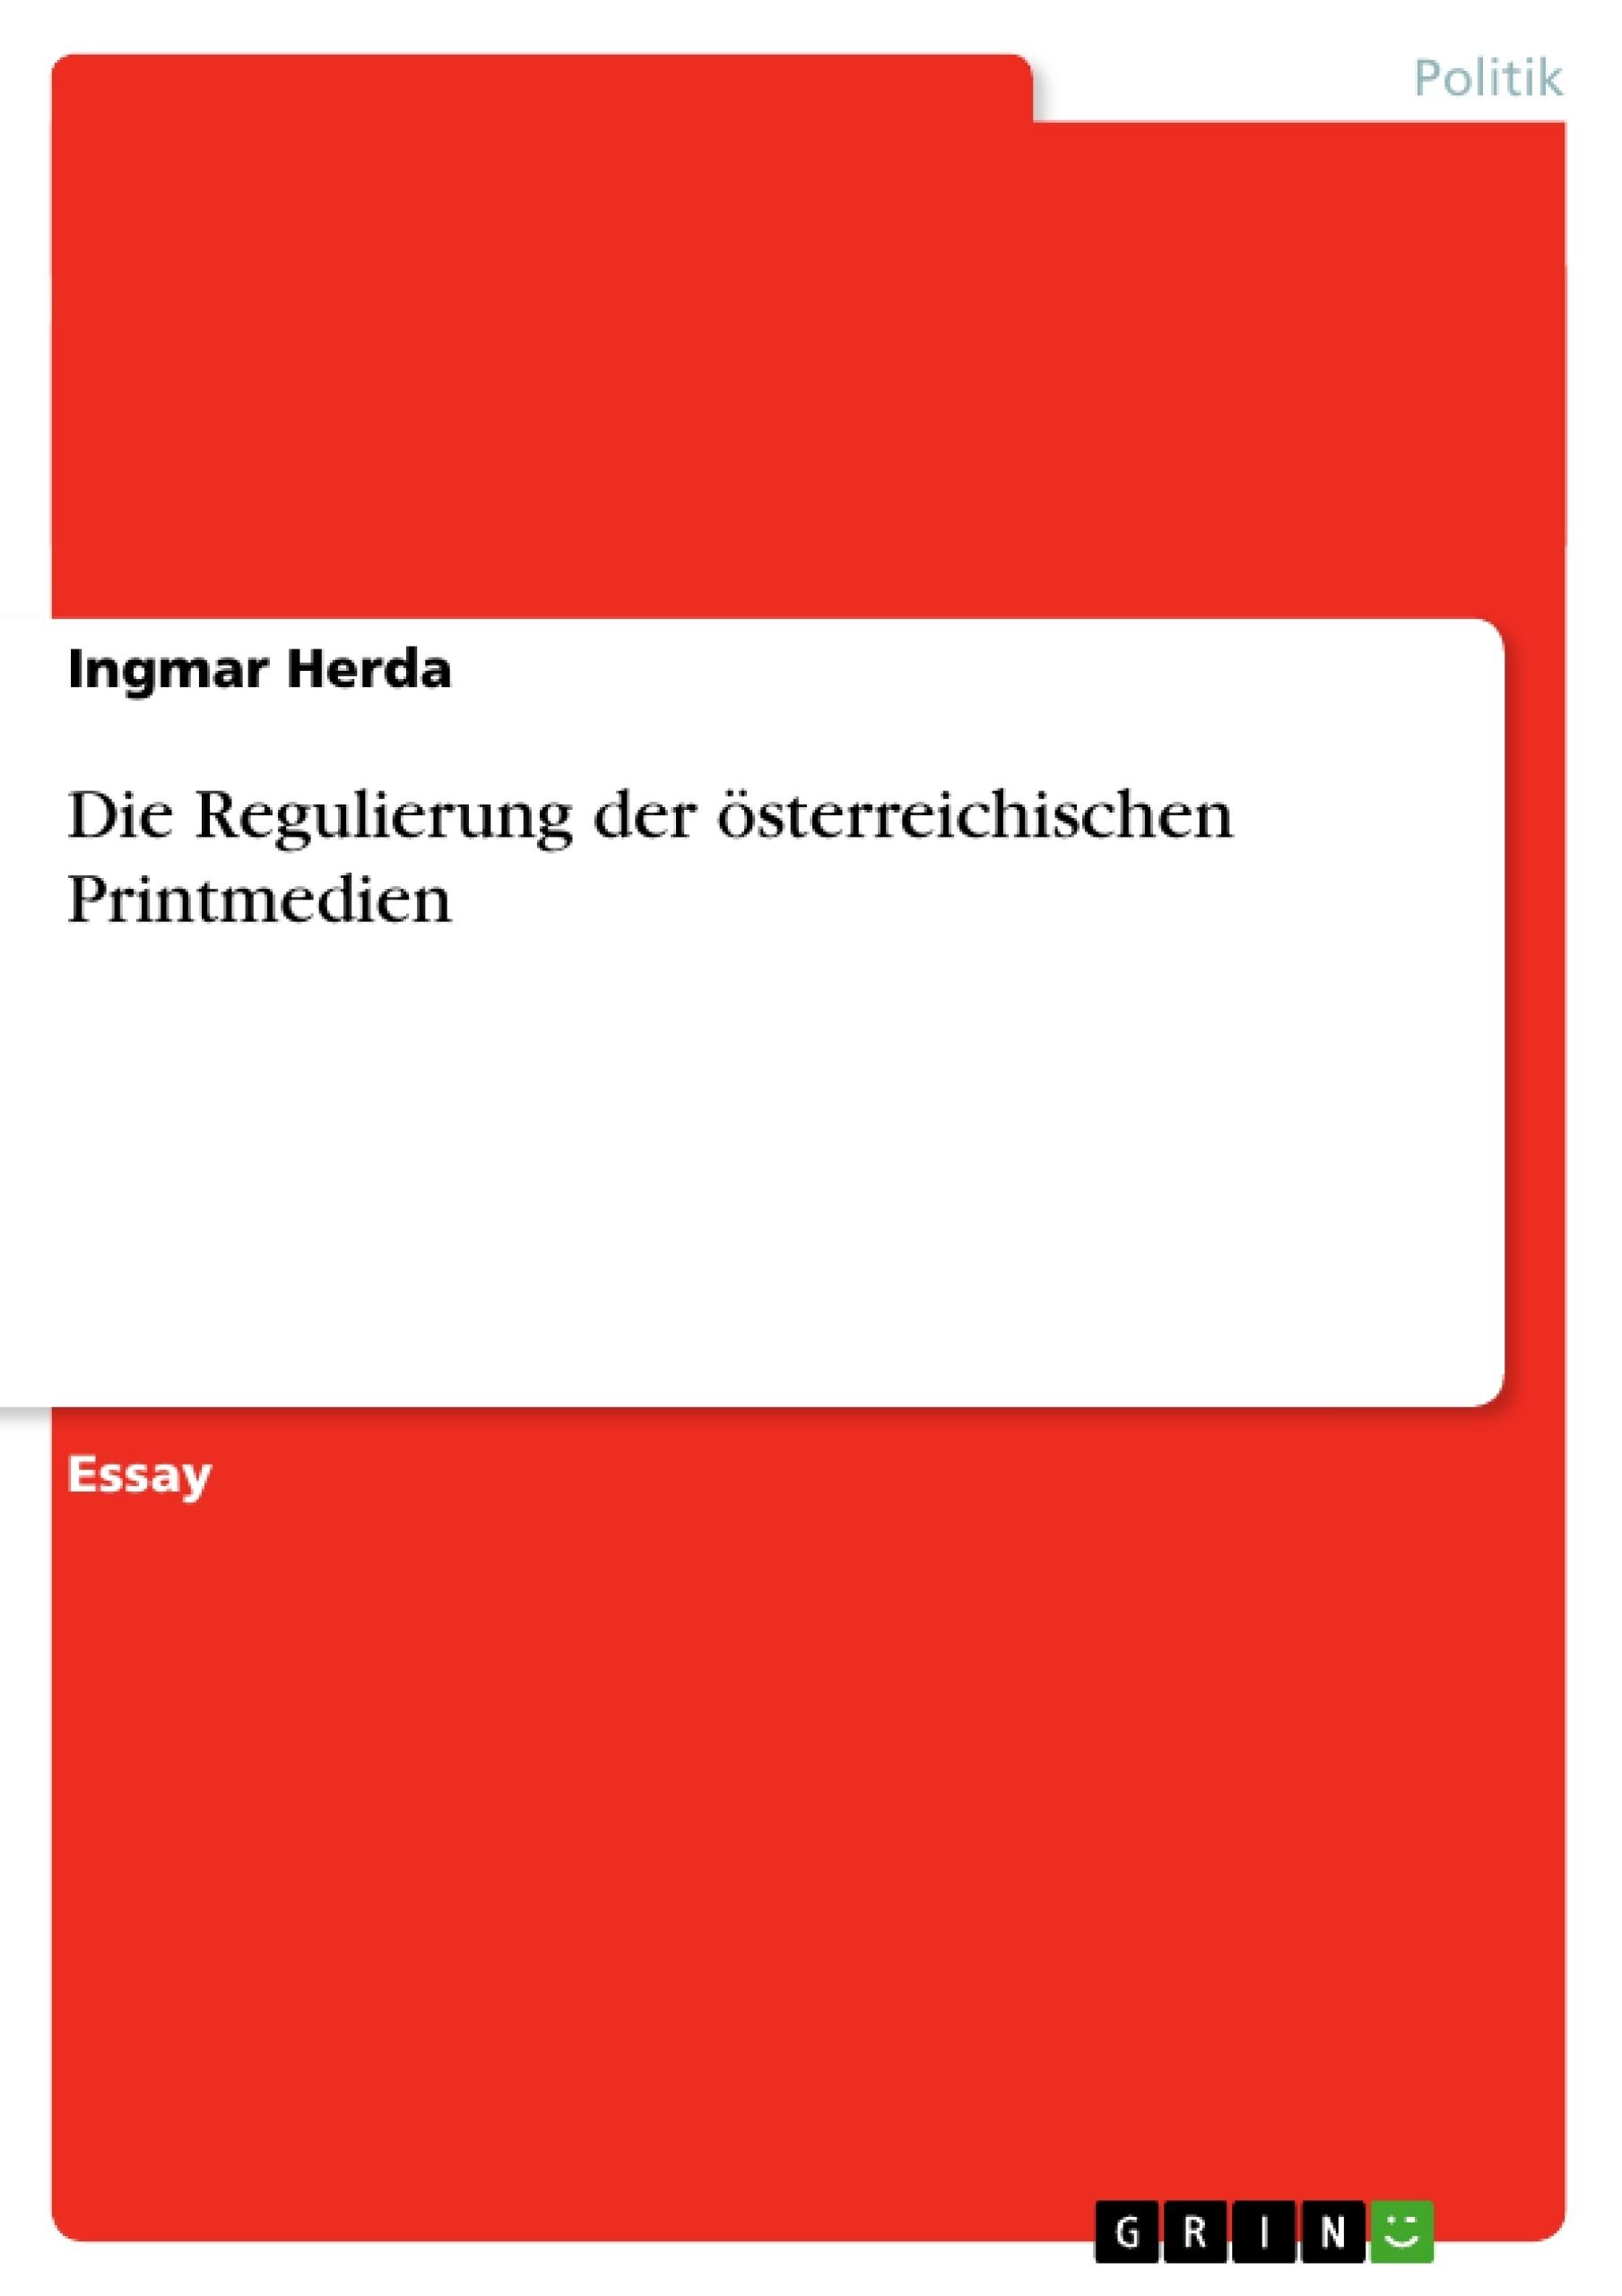 Titel: Die Regulierung der österreichischen Printmedien